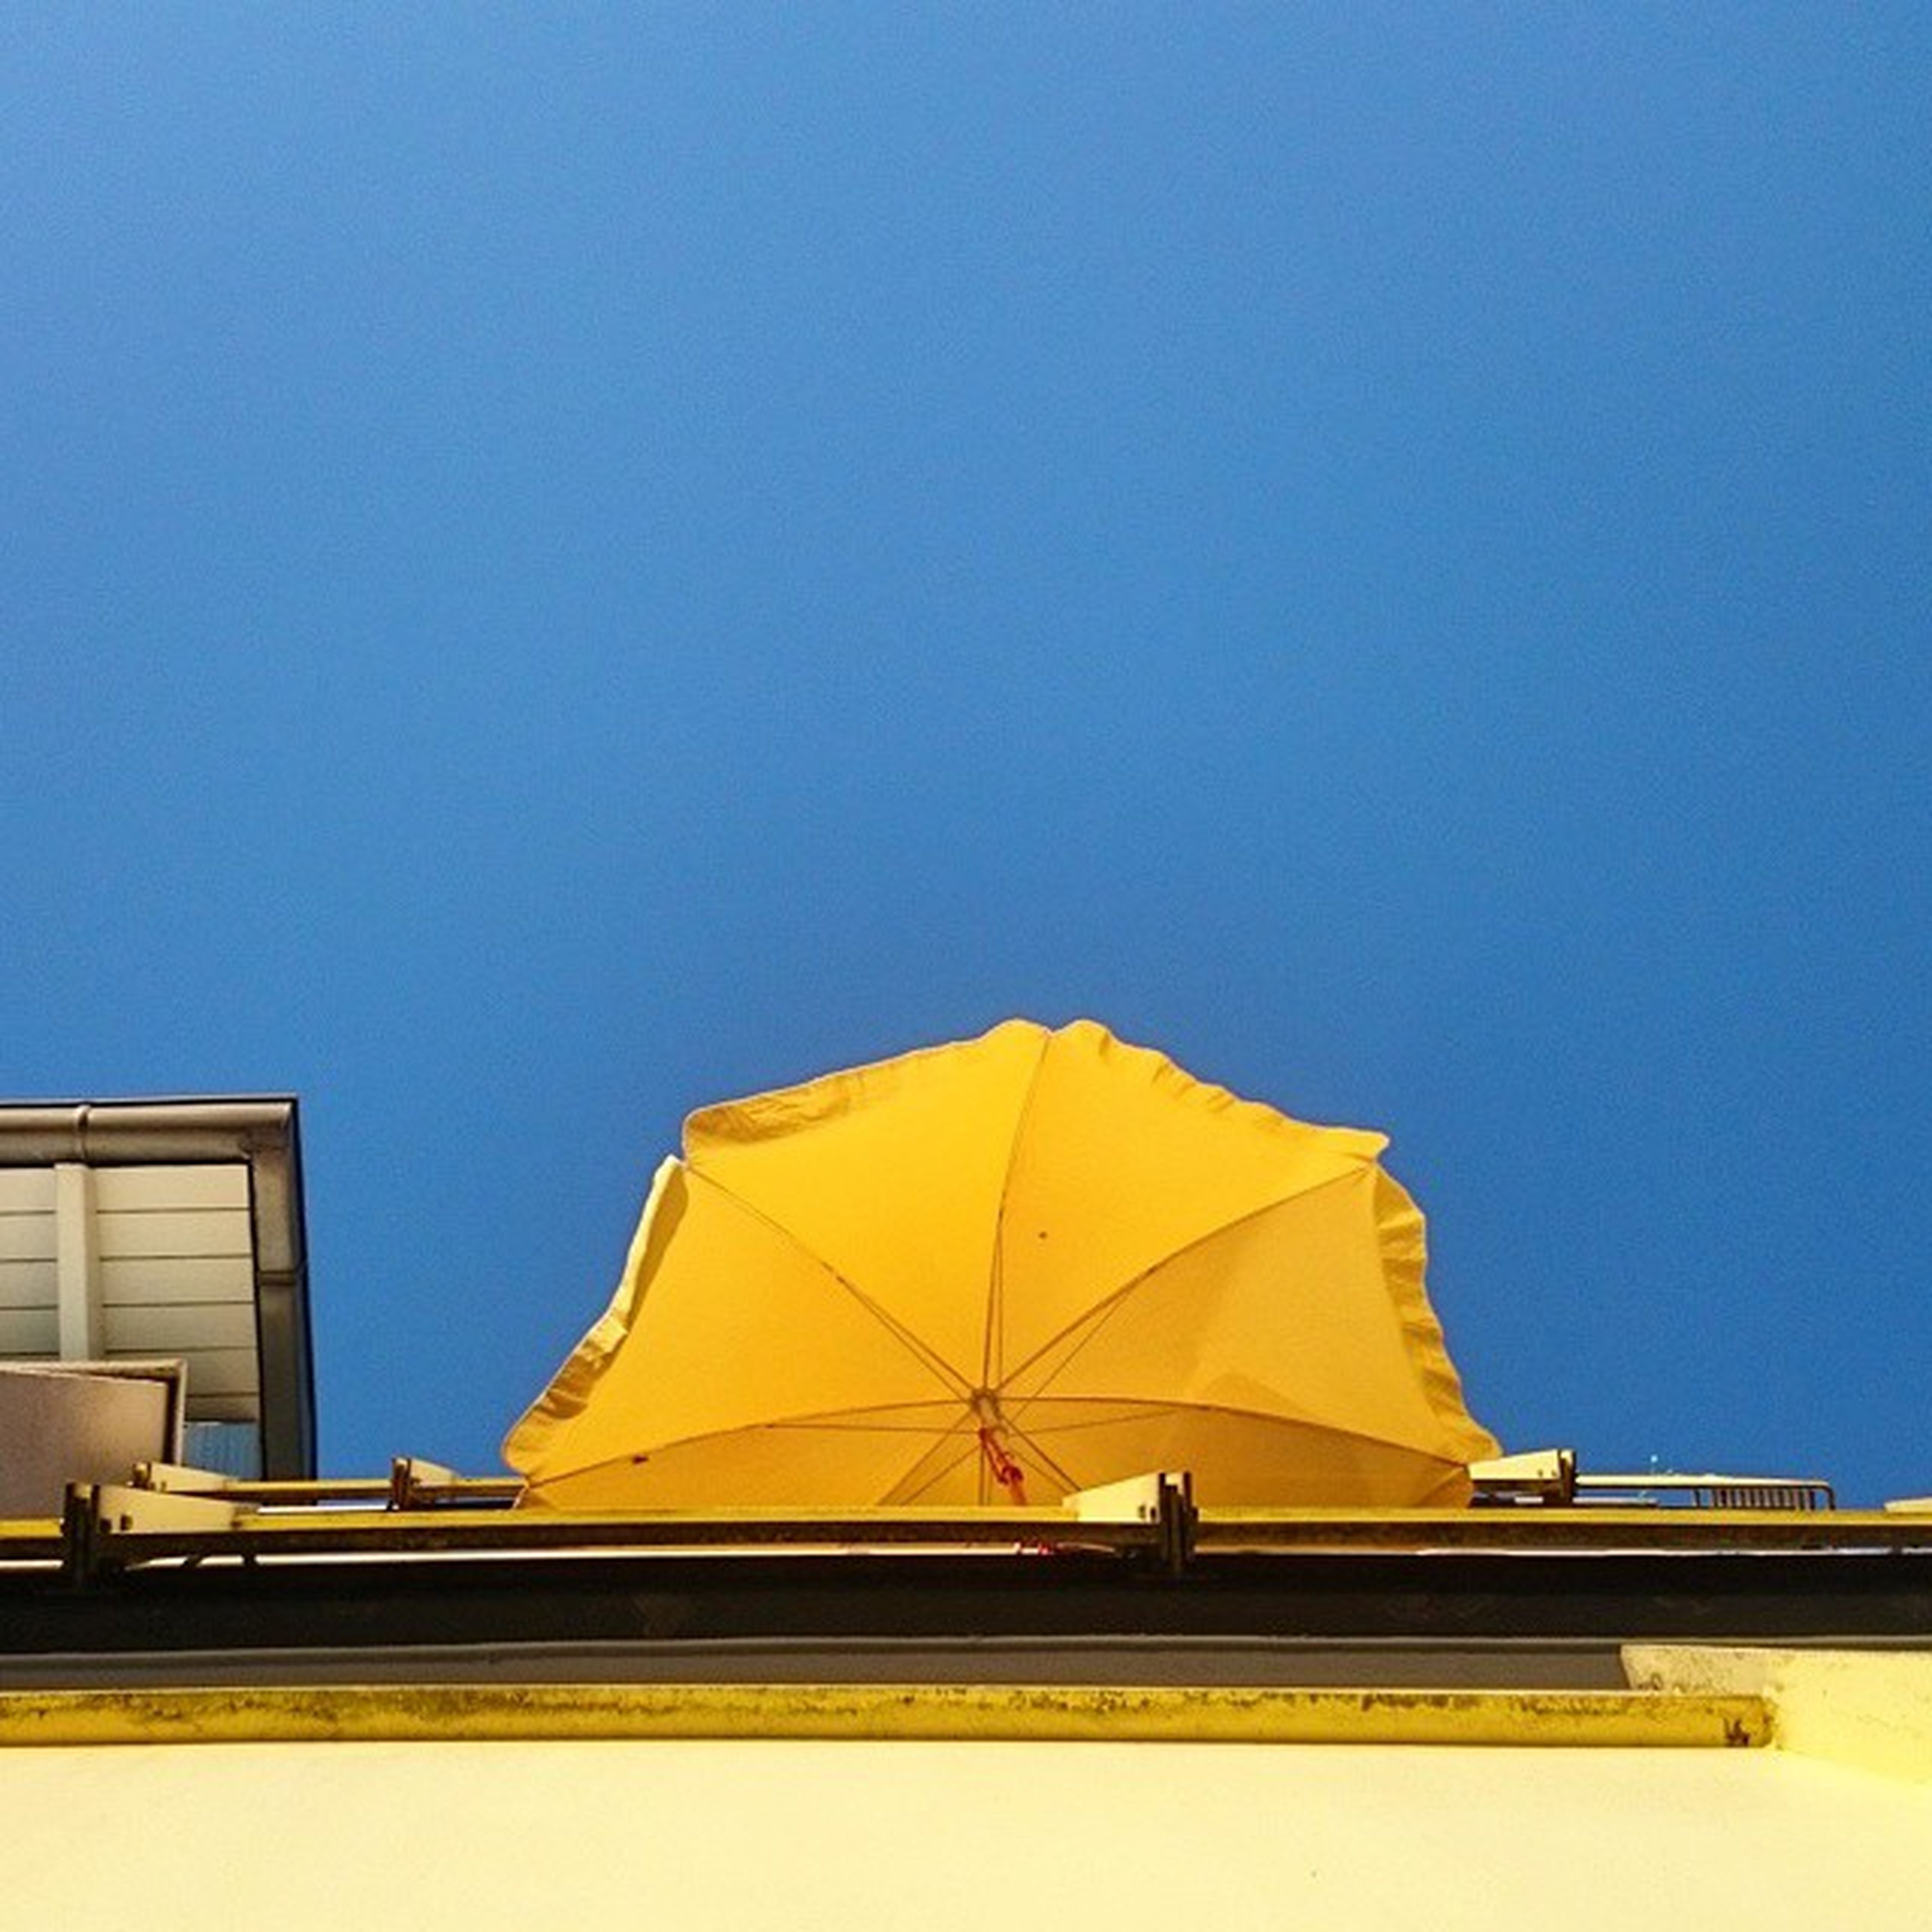 Sombrilla del vecino Coloresdelverano Calorcalorcalor Summertime 37° Nice